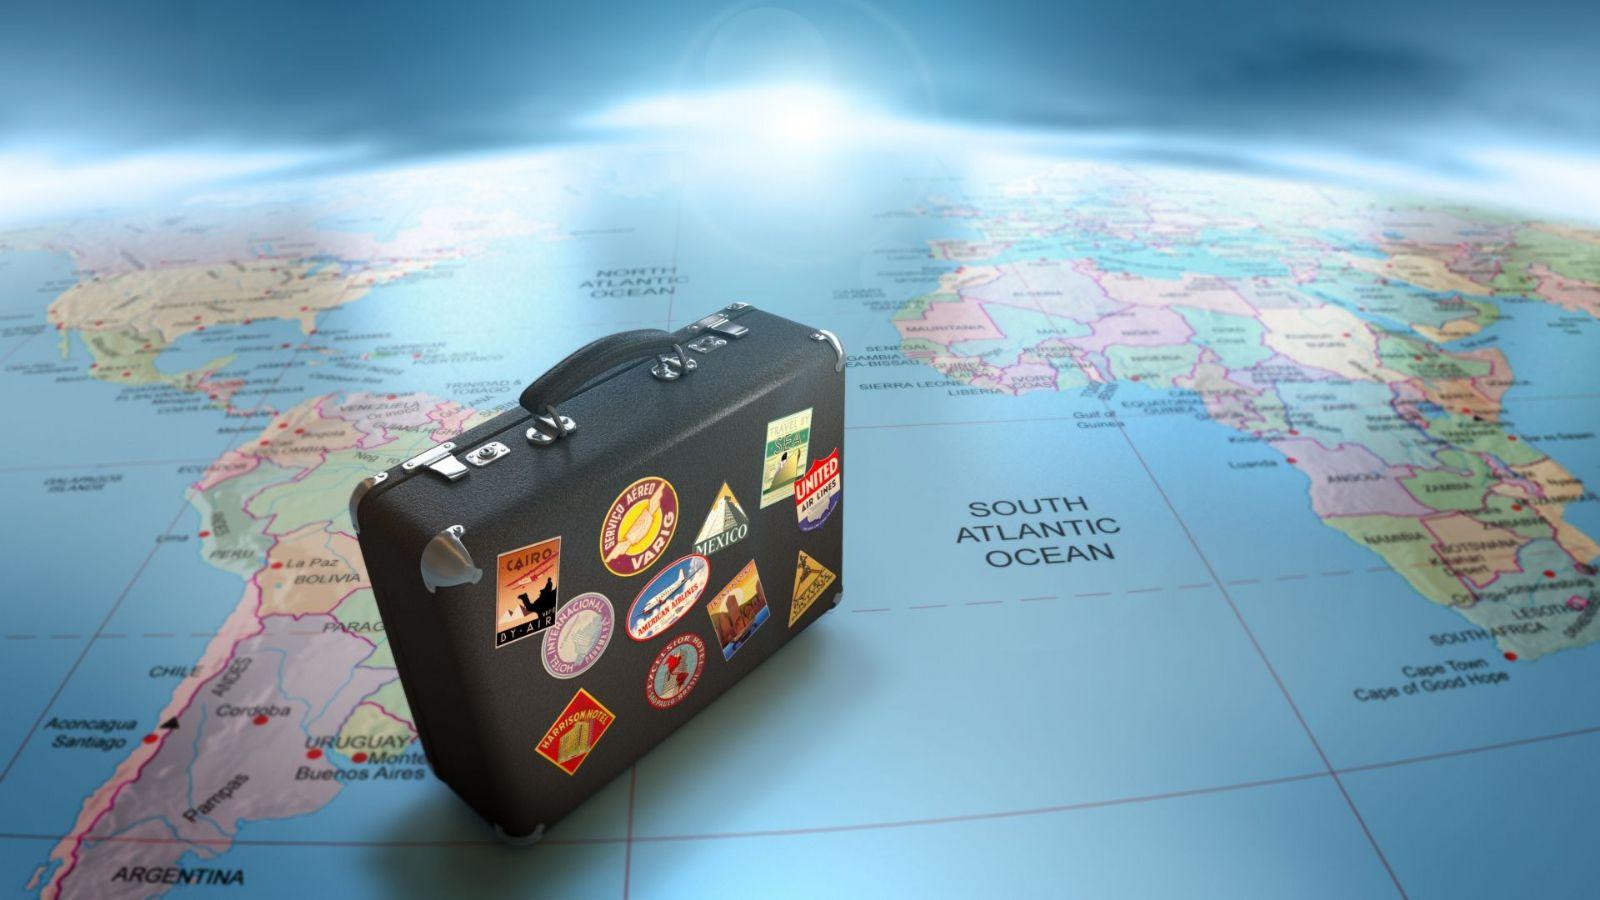 טיפים לבחירת תיק נסיעות